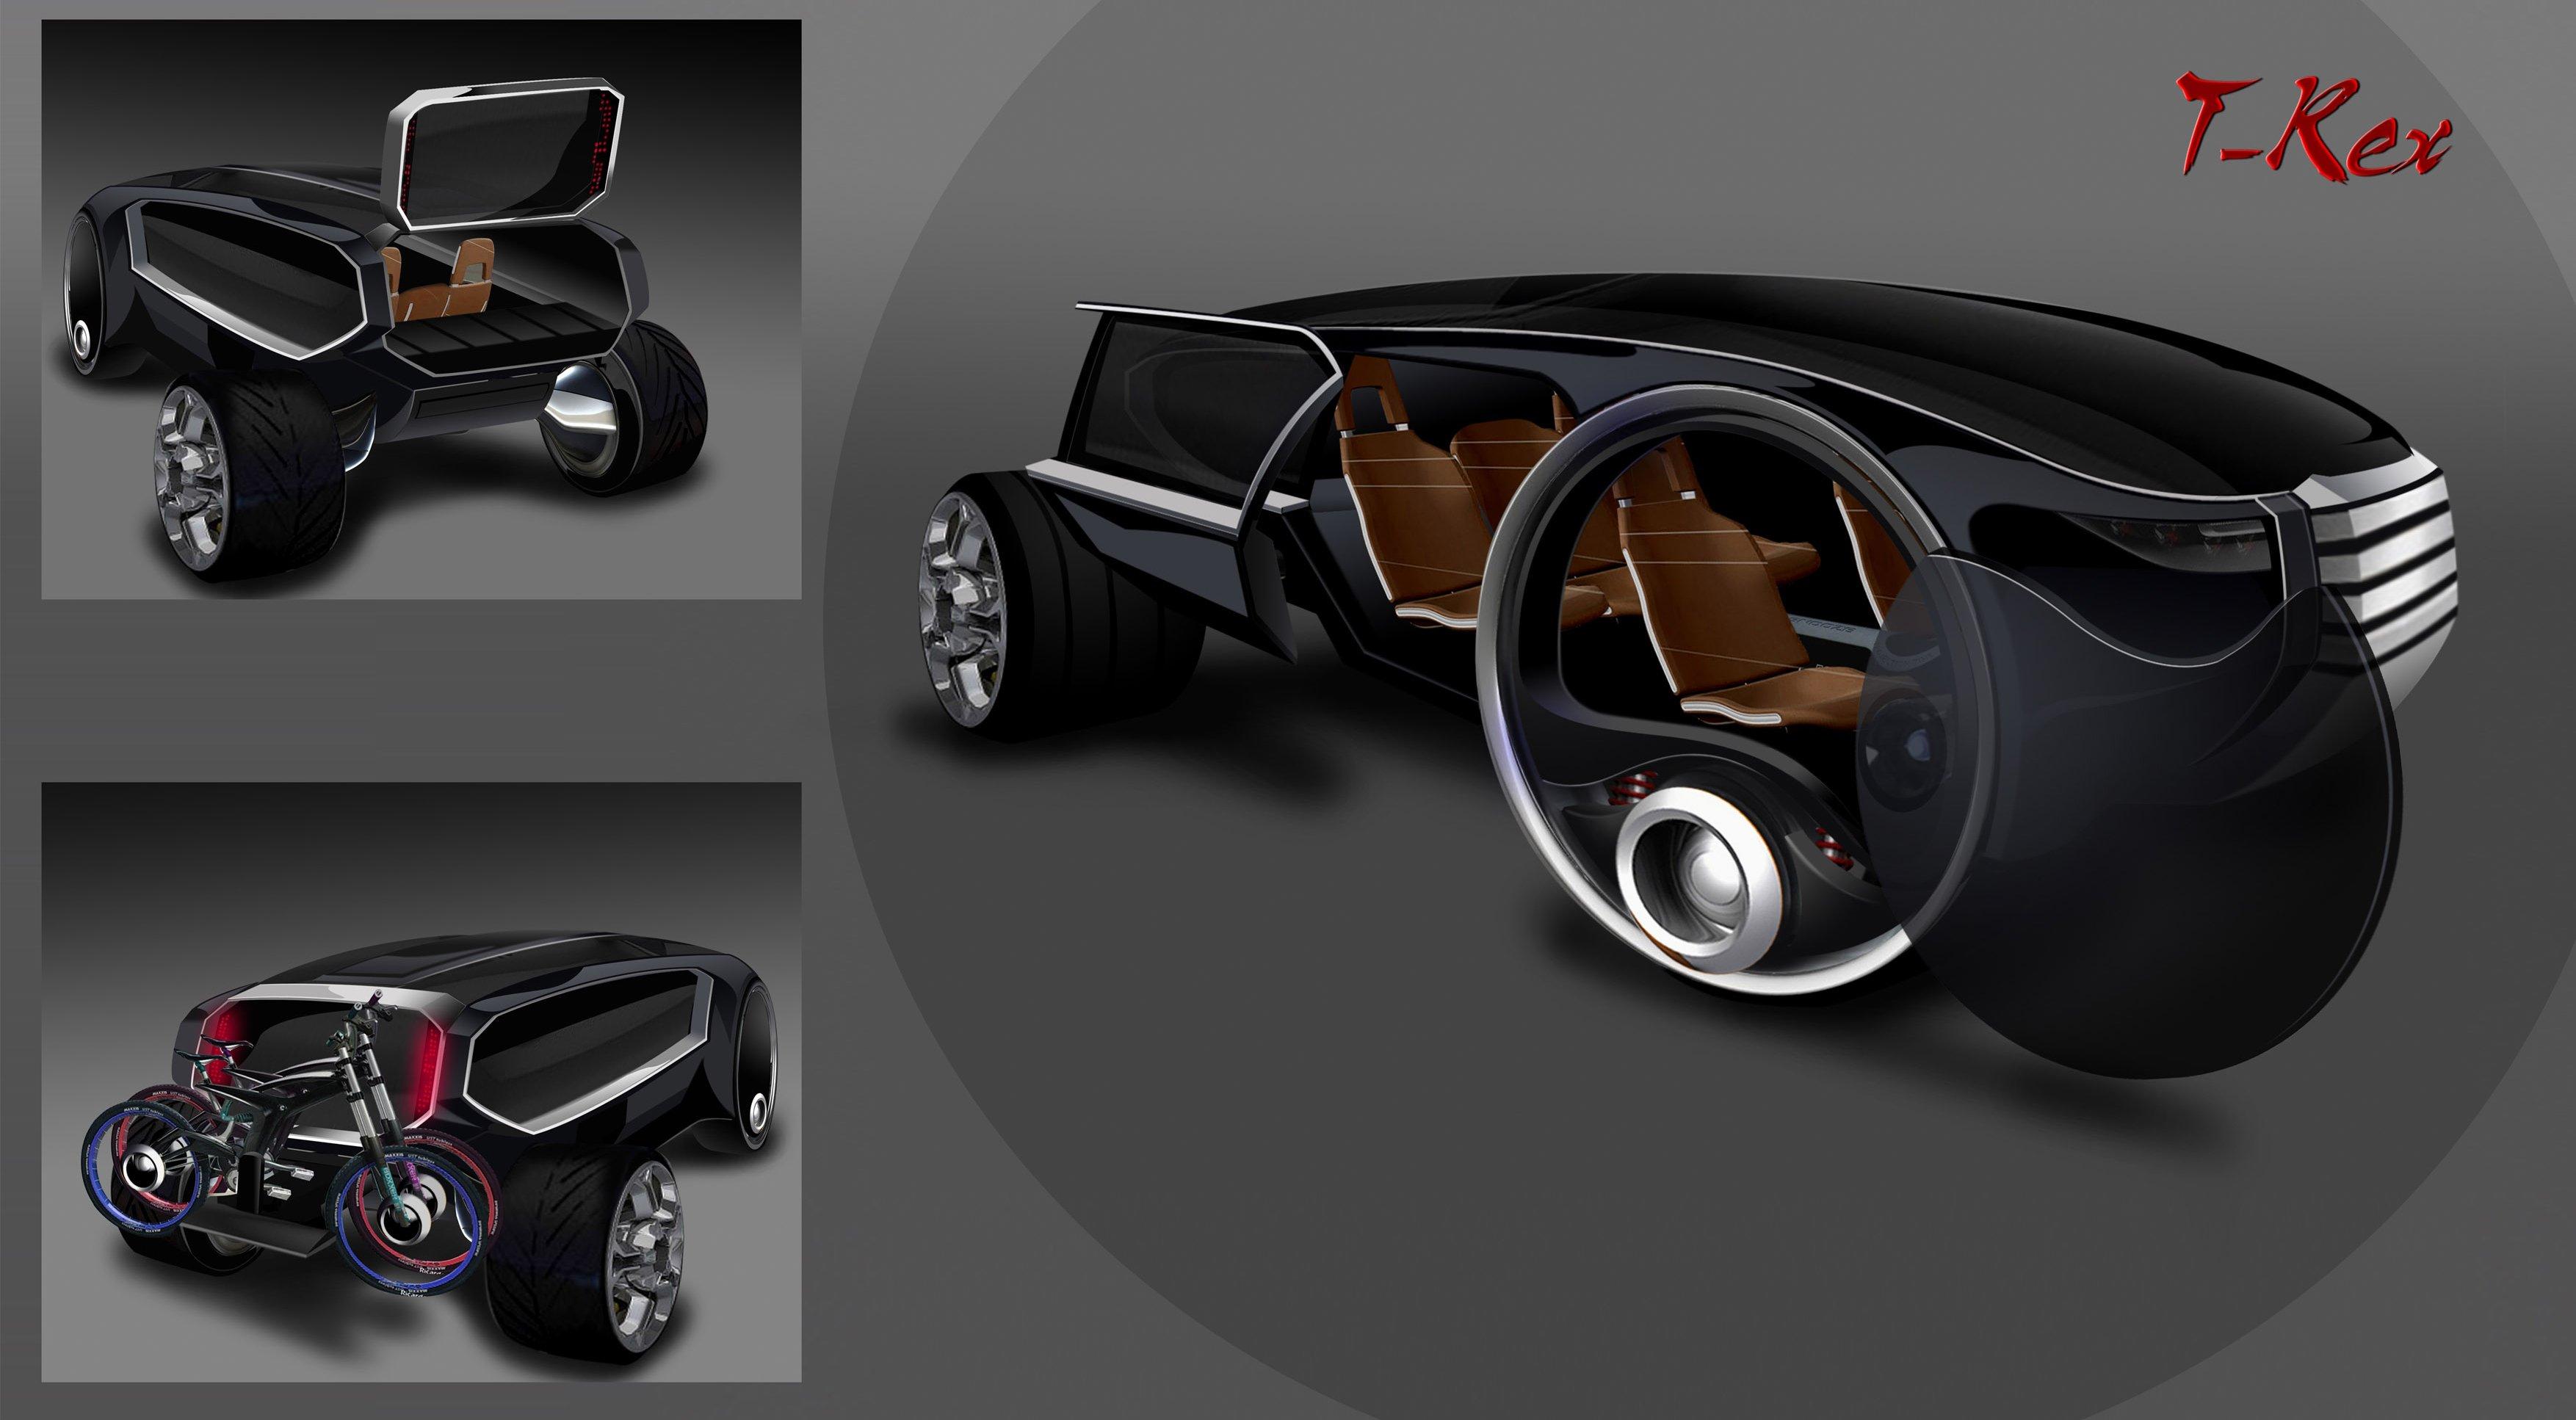 Bei Local Motors werden viele Konzeptideen diskutiert: Hier das T-Rex-Konzept für einen familienfreundlichen SUV mit interessanten Einstiegsmöglichkeiten.